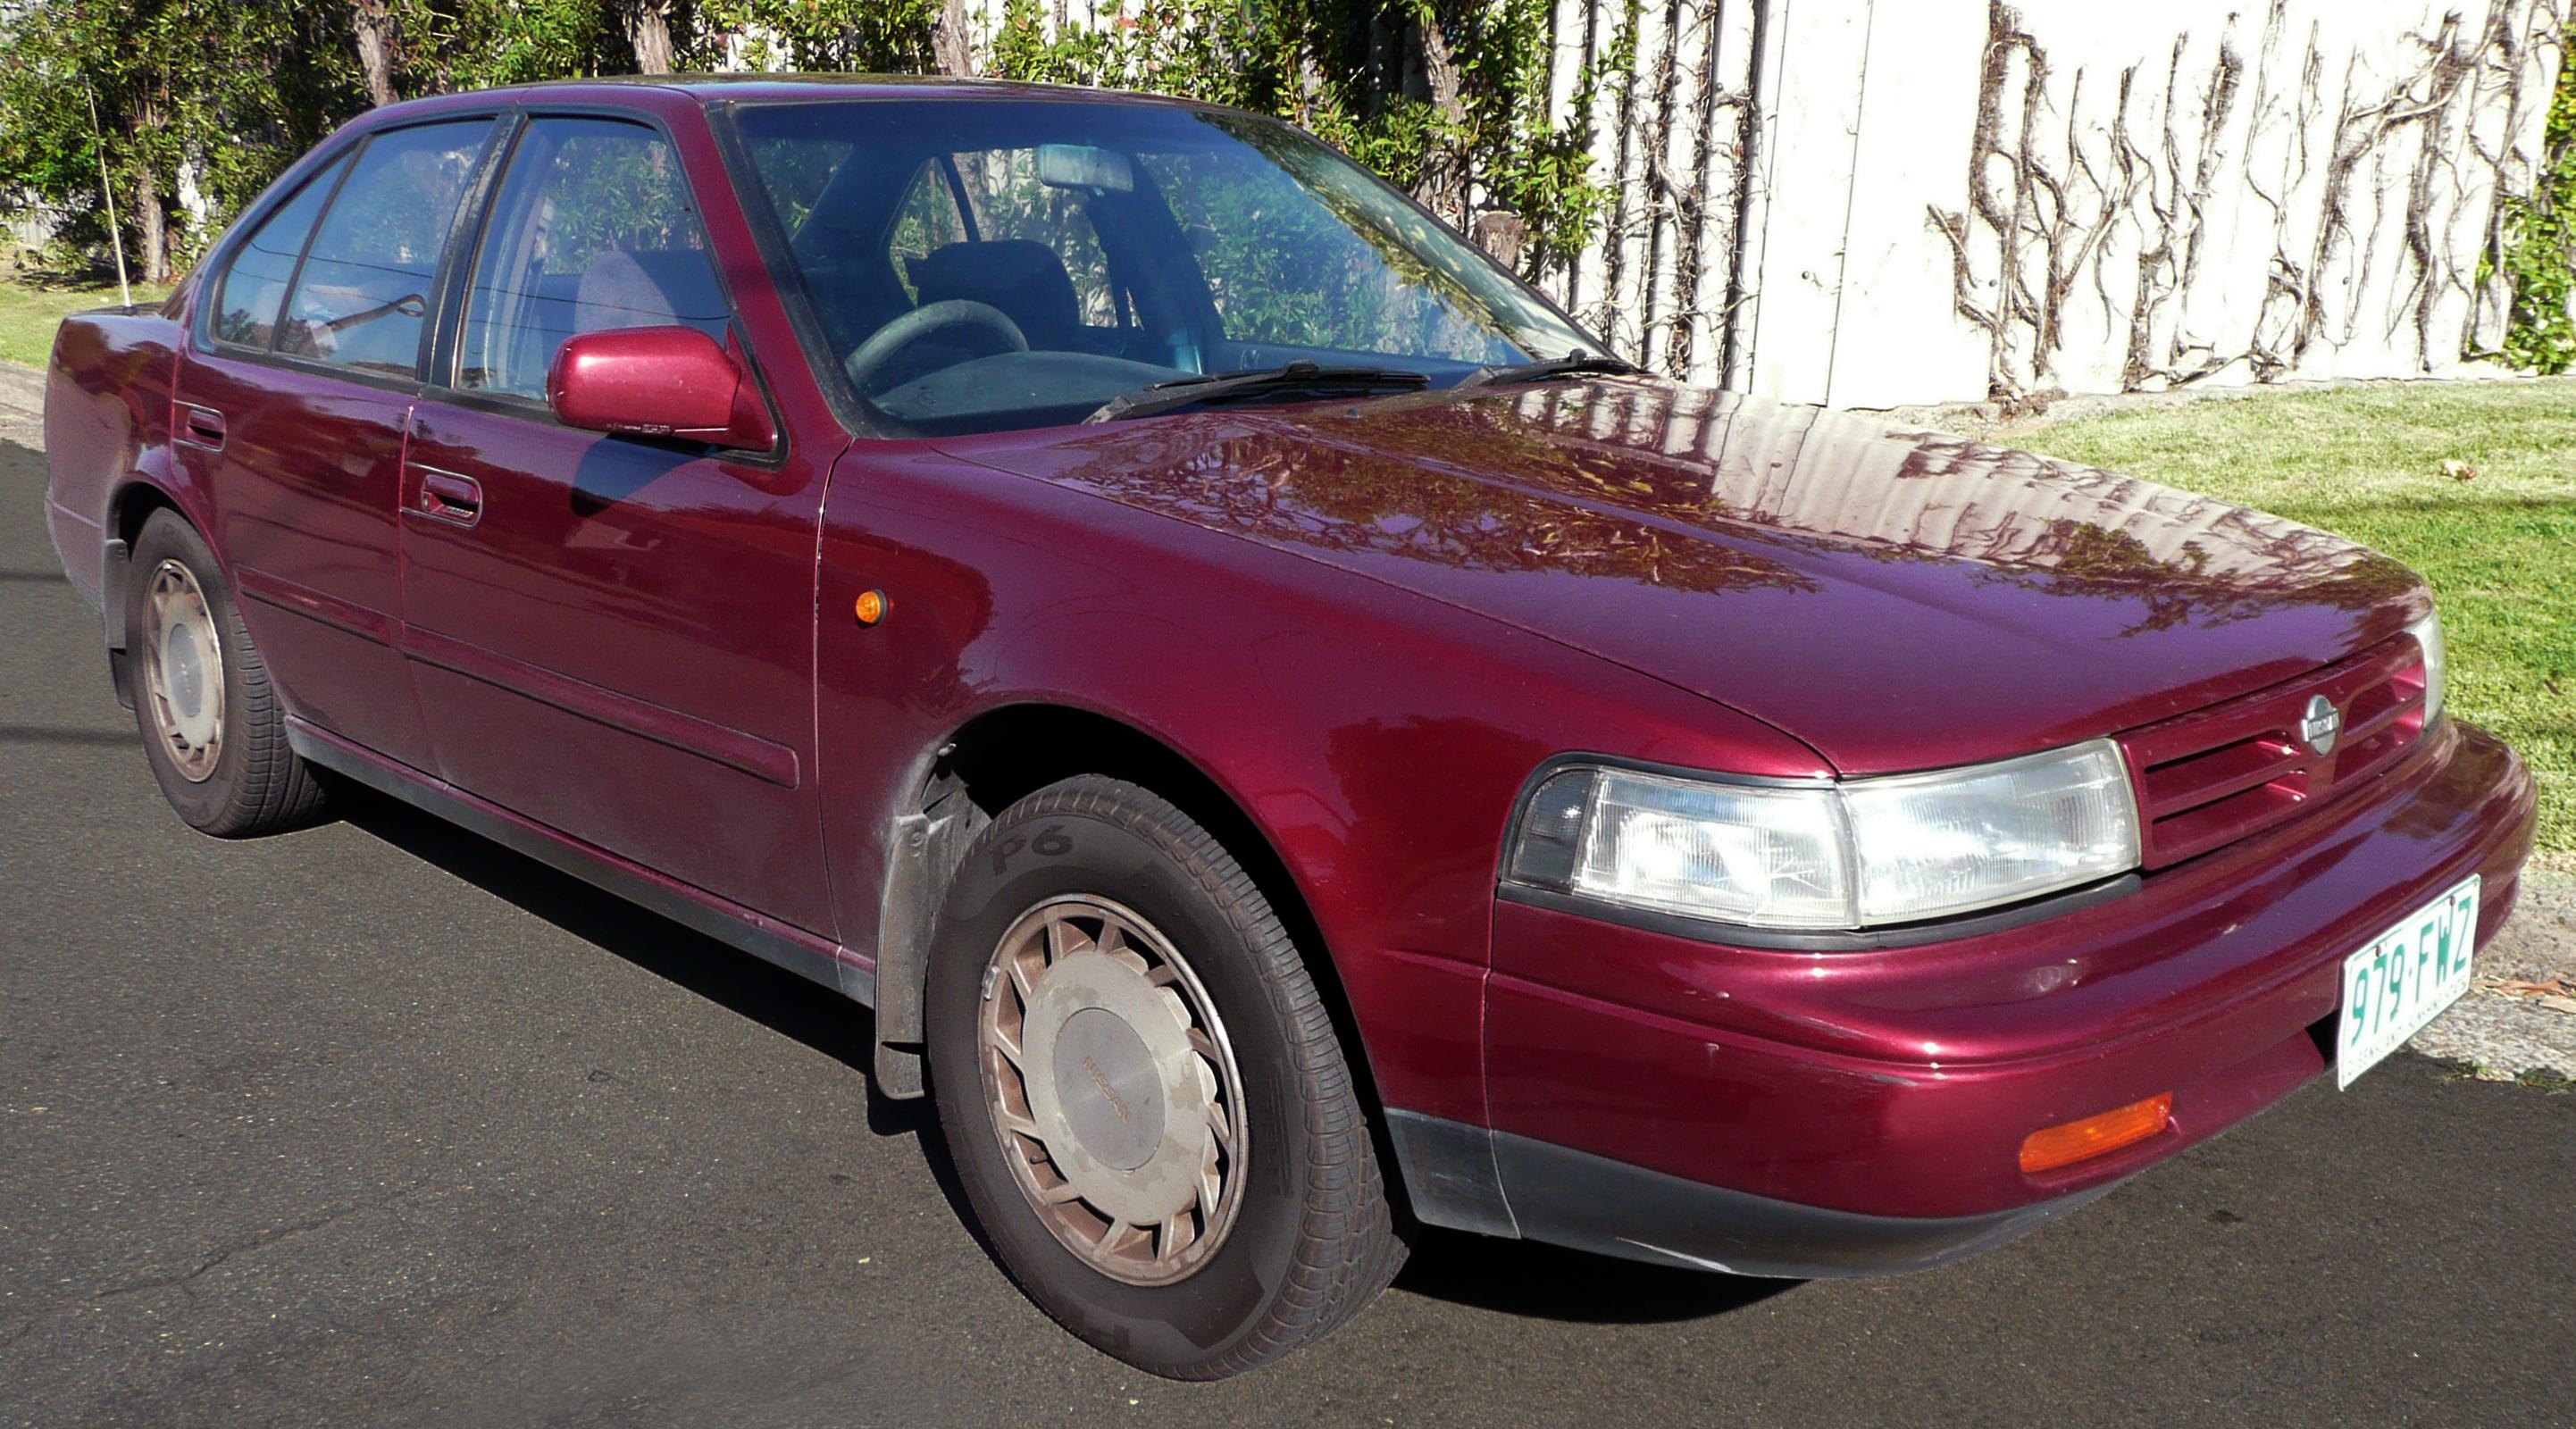 file 1990 1992 nissan maxima j30 m sedan 01 jpg wikimedia commons rh commons wikimedia org Nissan Murano Nissan Altima